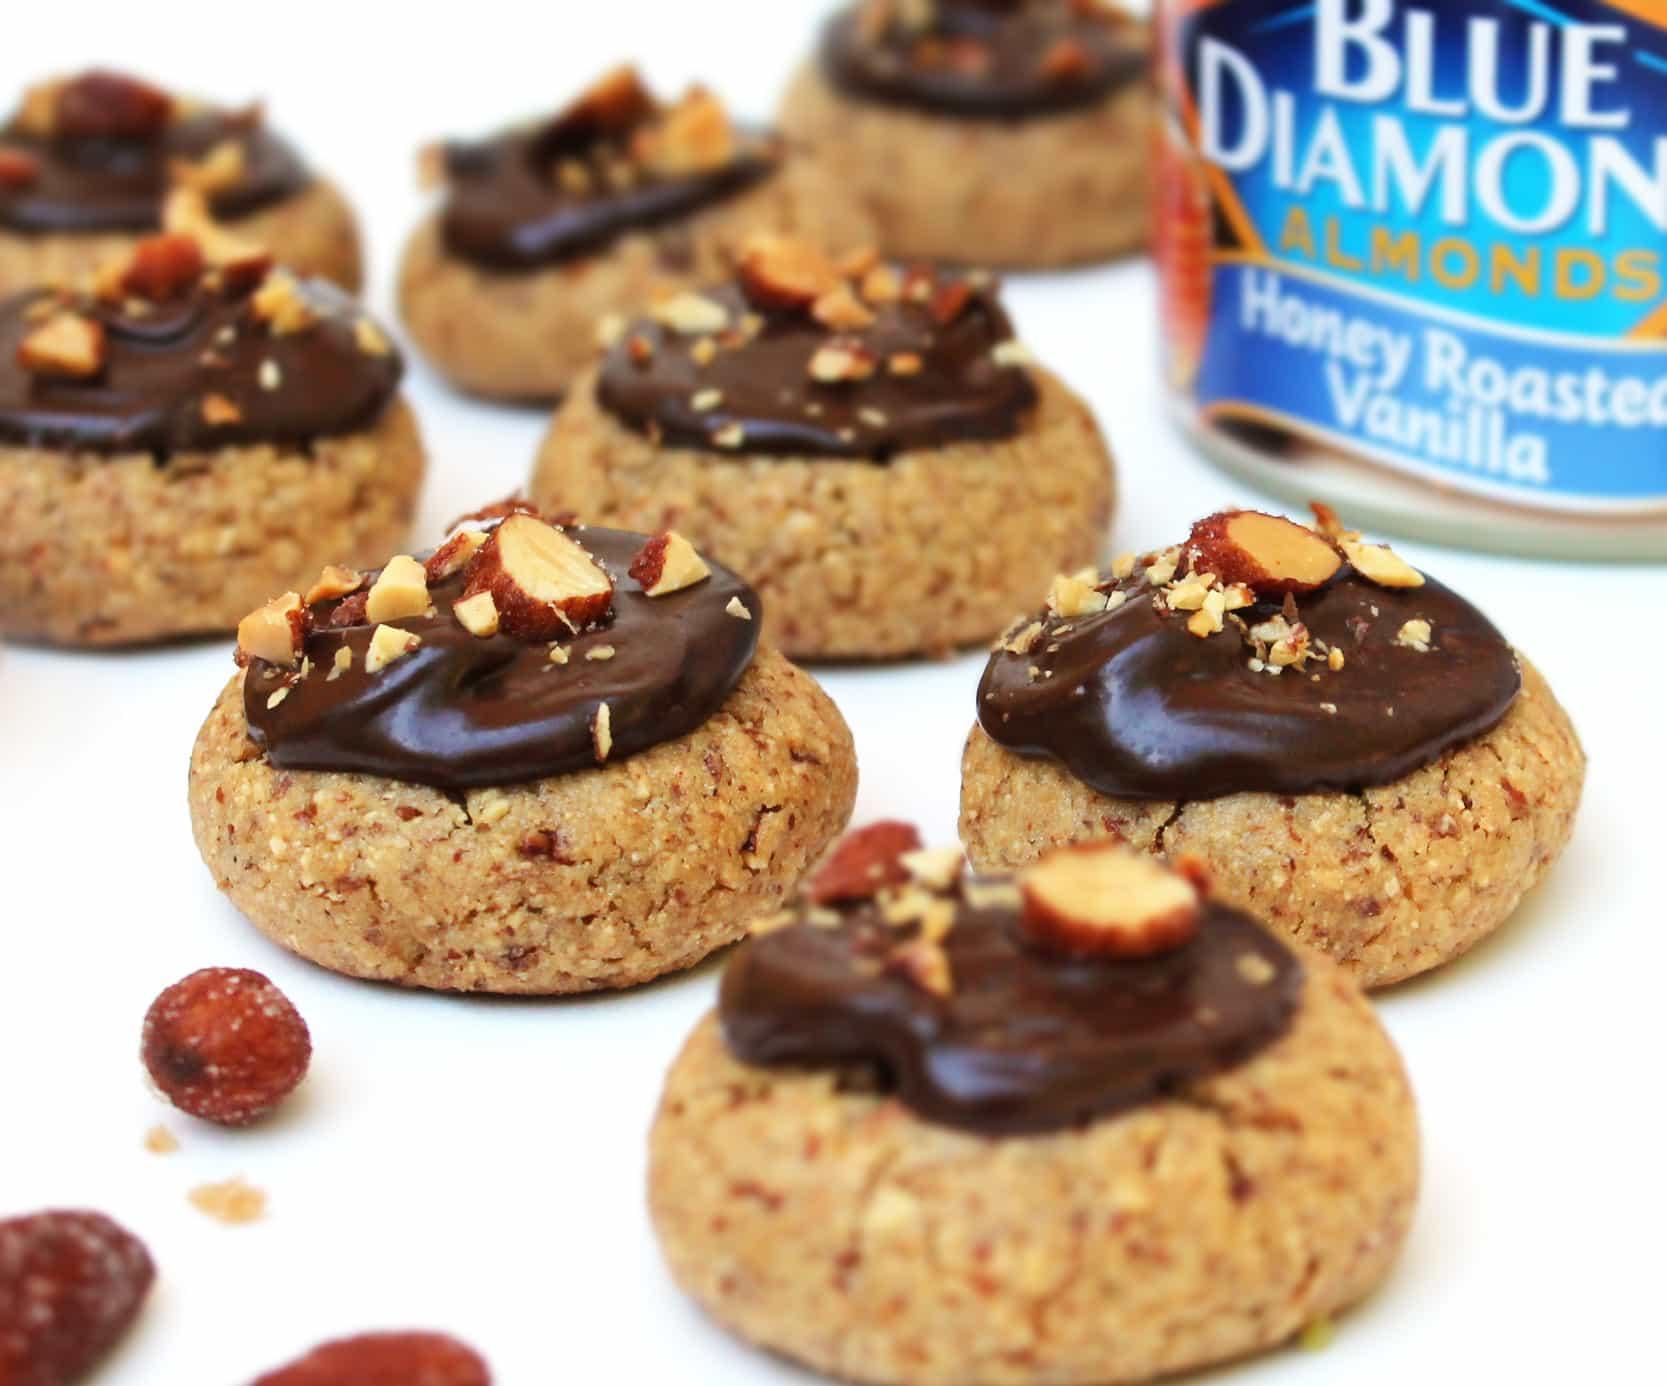 bluediamondvanillacookies